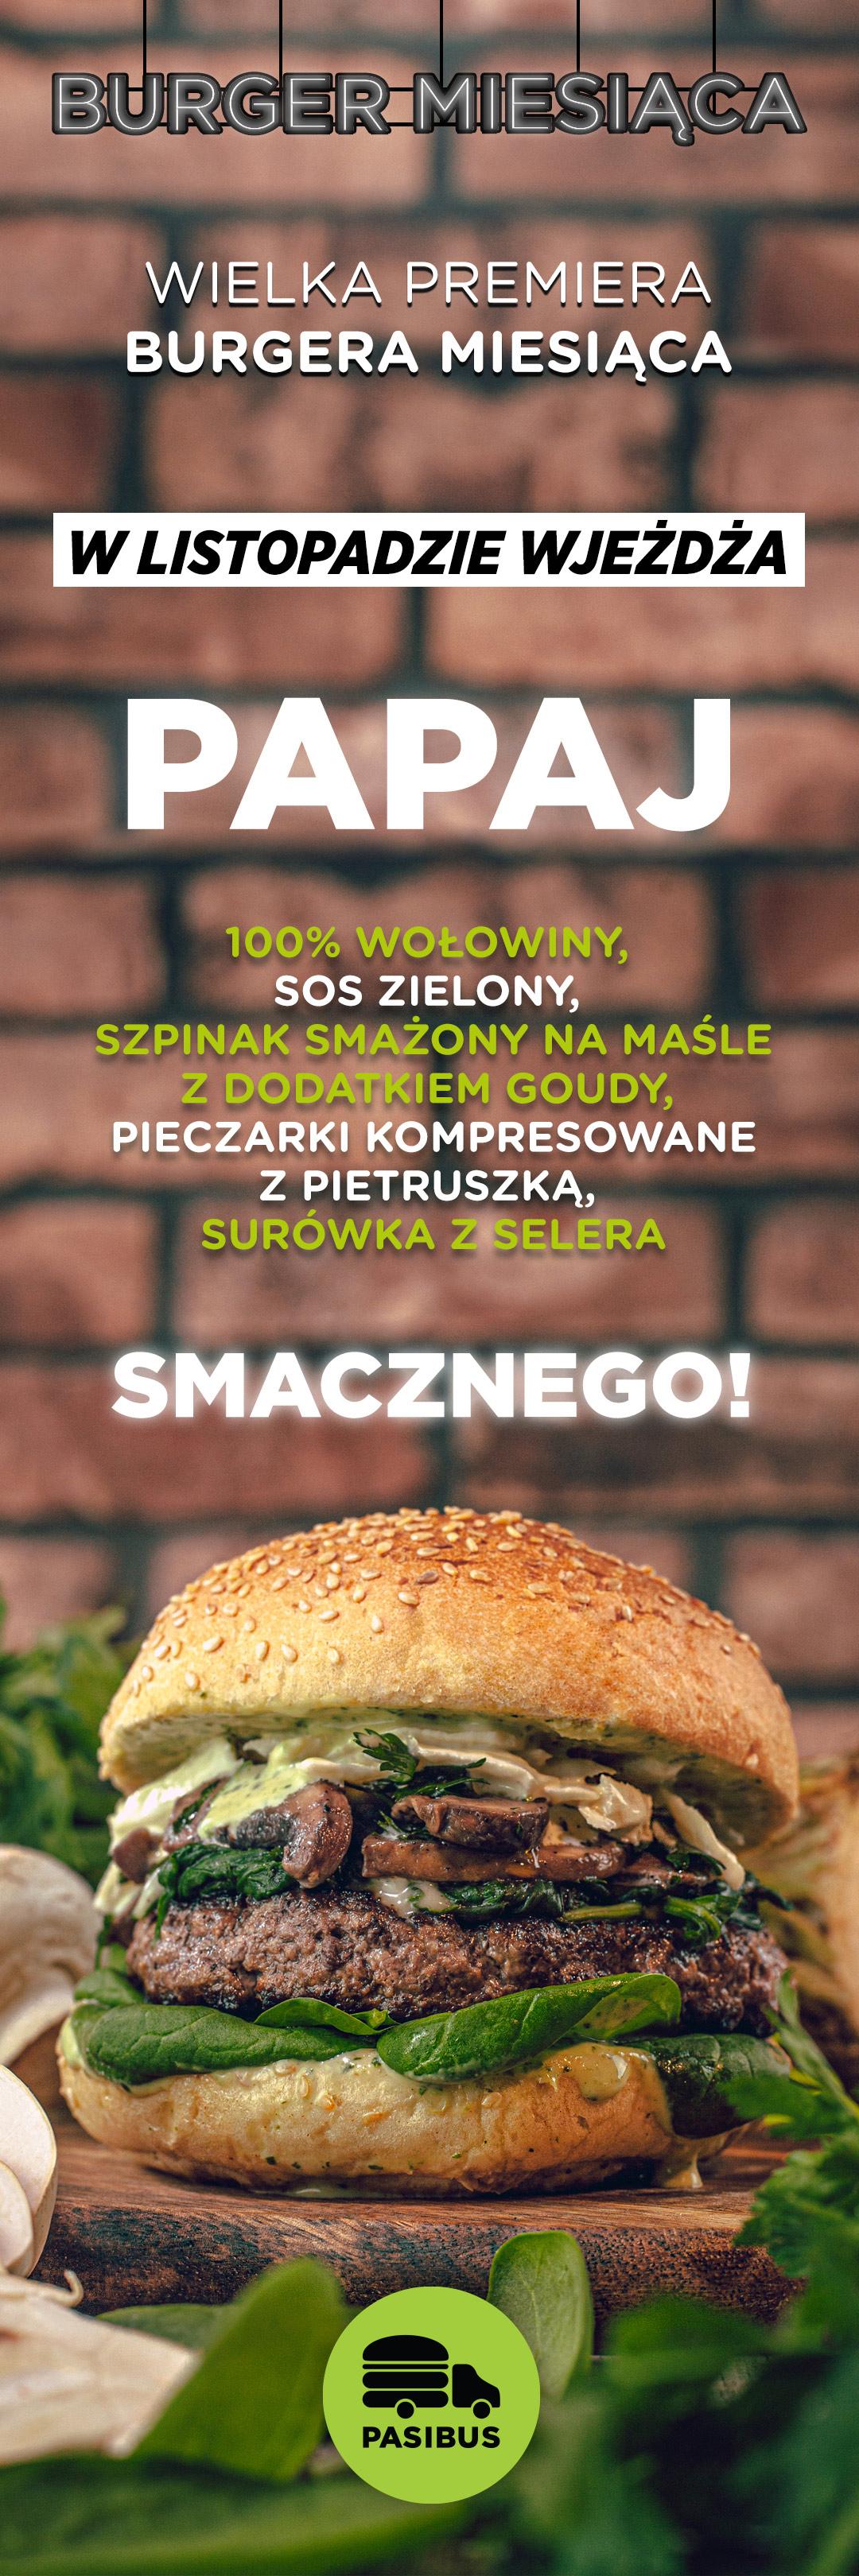 Przedstawiamy burgera miesiąca listopad 2019 - Papaj